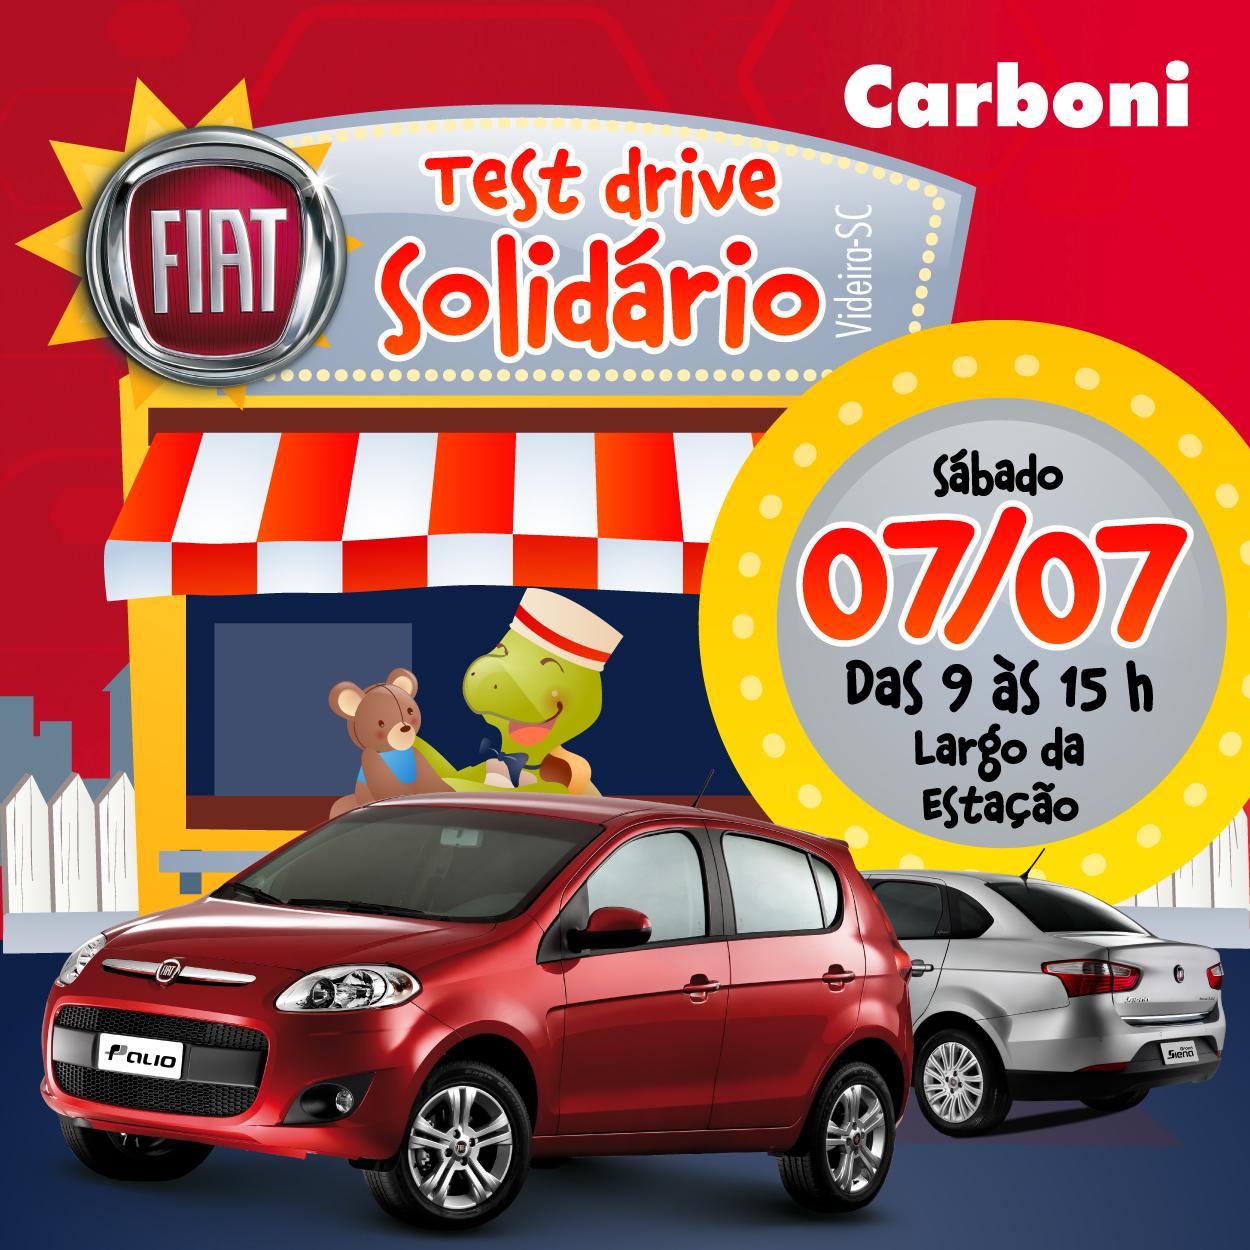 Carboni Fiat realiza ação de test drive solidário neste sábado no Largo da Estação EVENTO 01